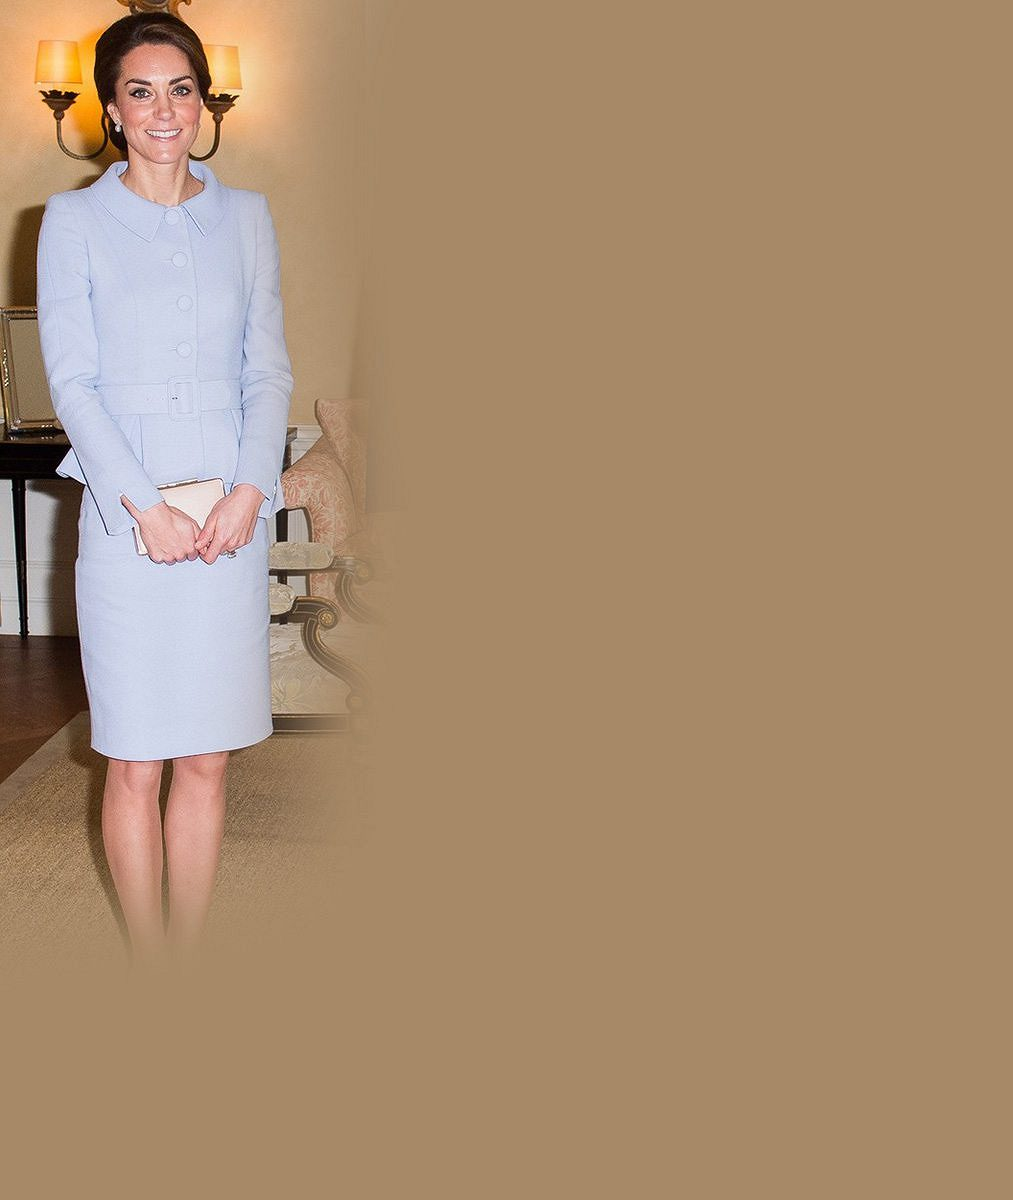 Vévodkyně Kate na první zahraniční cestě bez Williama oslnila nizozemského krále. Divíte se?